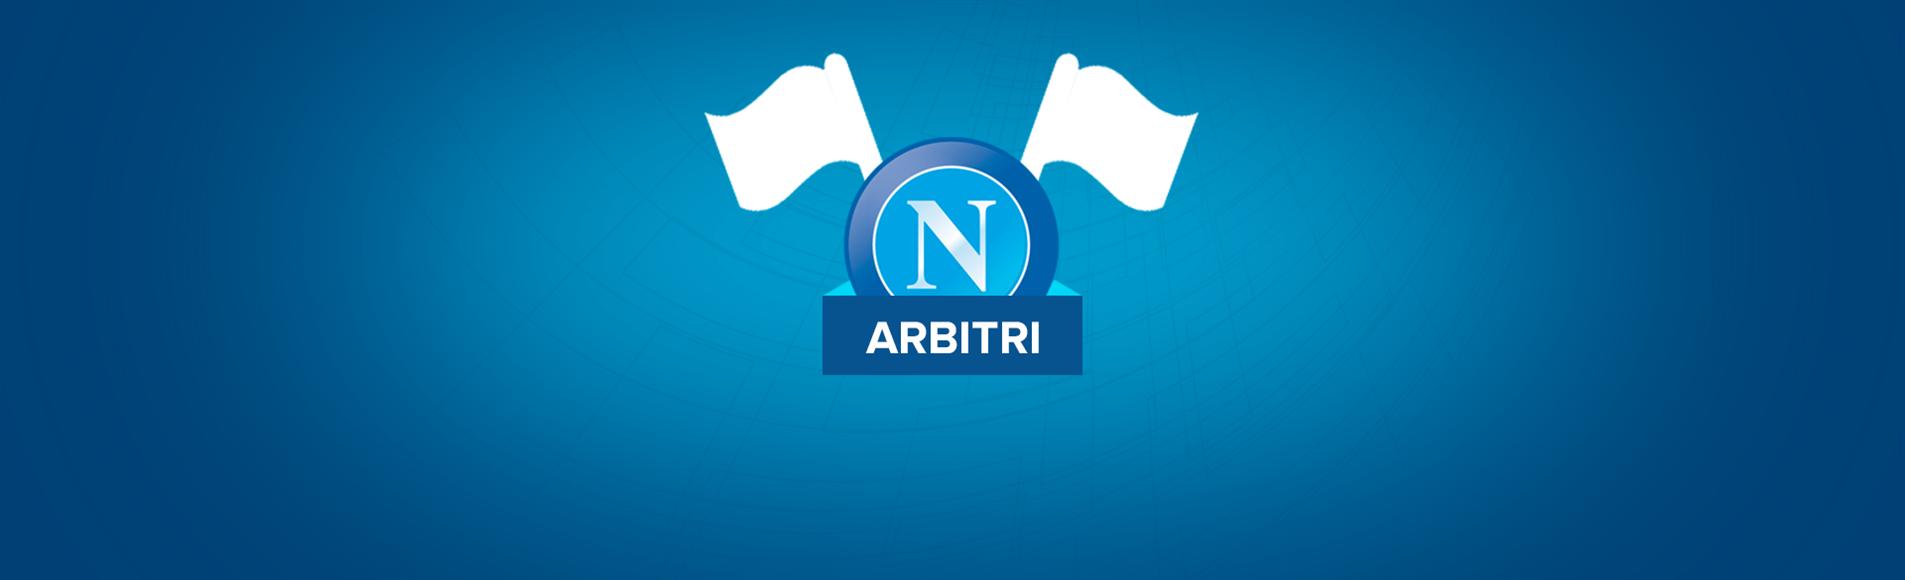 Napoli-Liverpool: sarà diretta dall'arbitro tedesco Brych - NAPOLI CALCIO